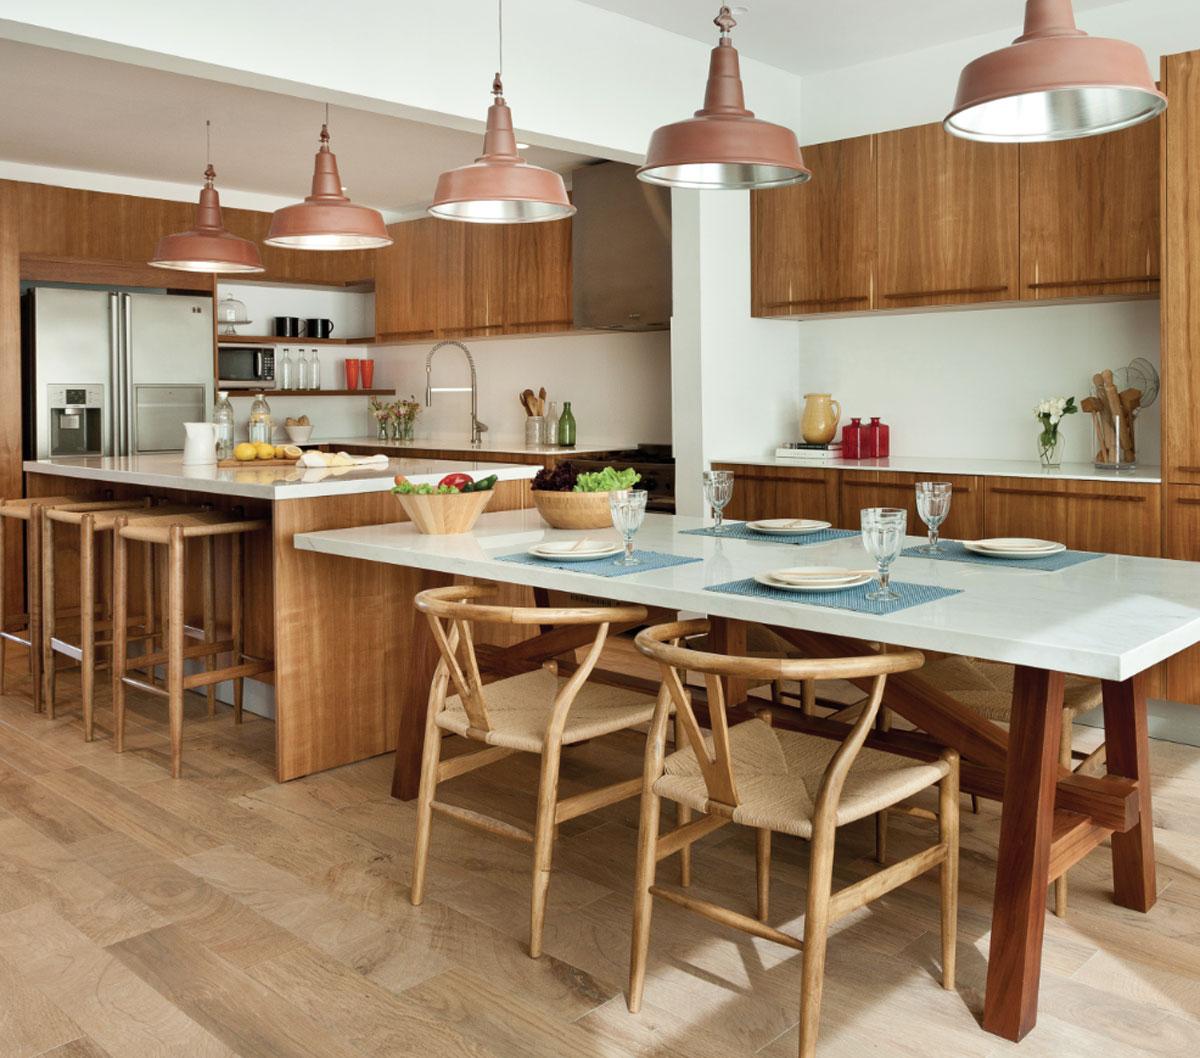 Mesas e islas en las cocinas de hoy arquimaster - Islas de cocina moviles ...